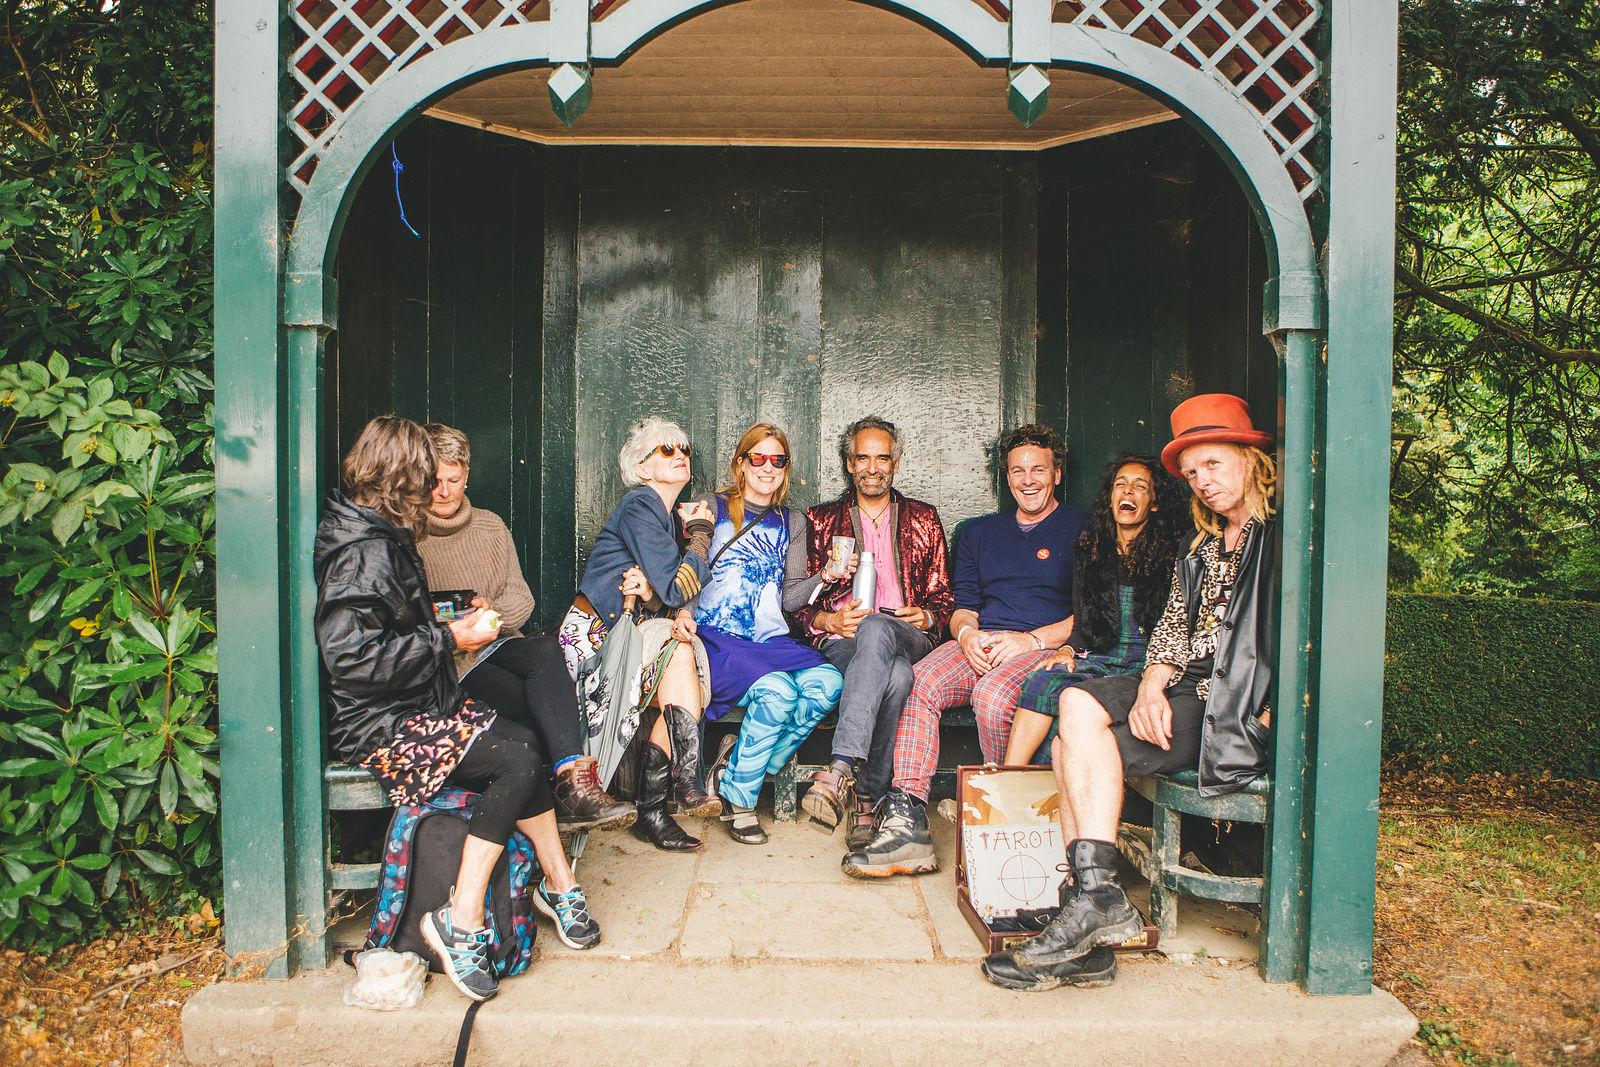 Port Eliot Festival 2018